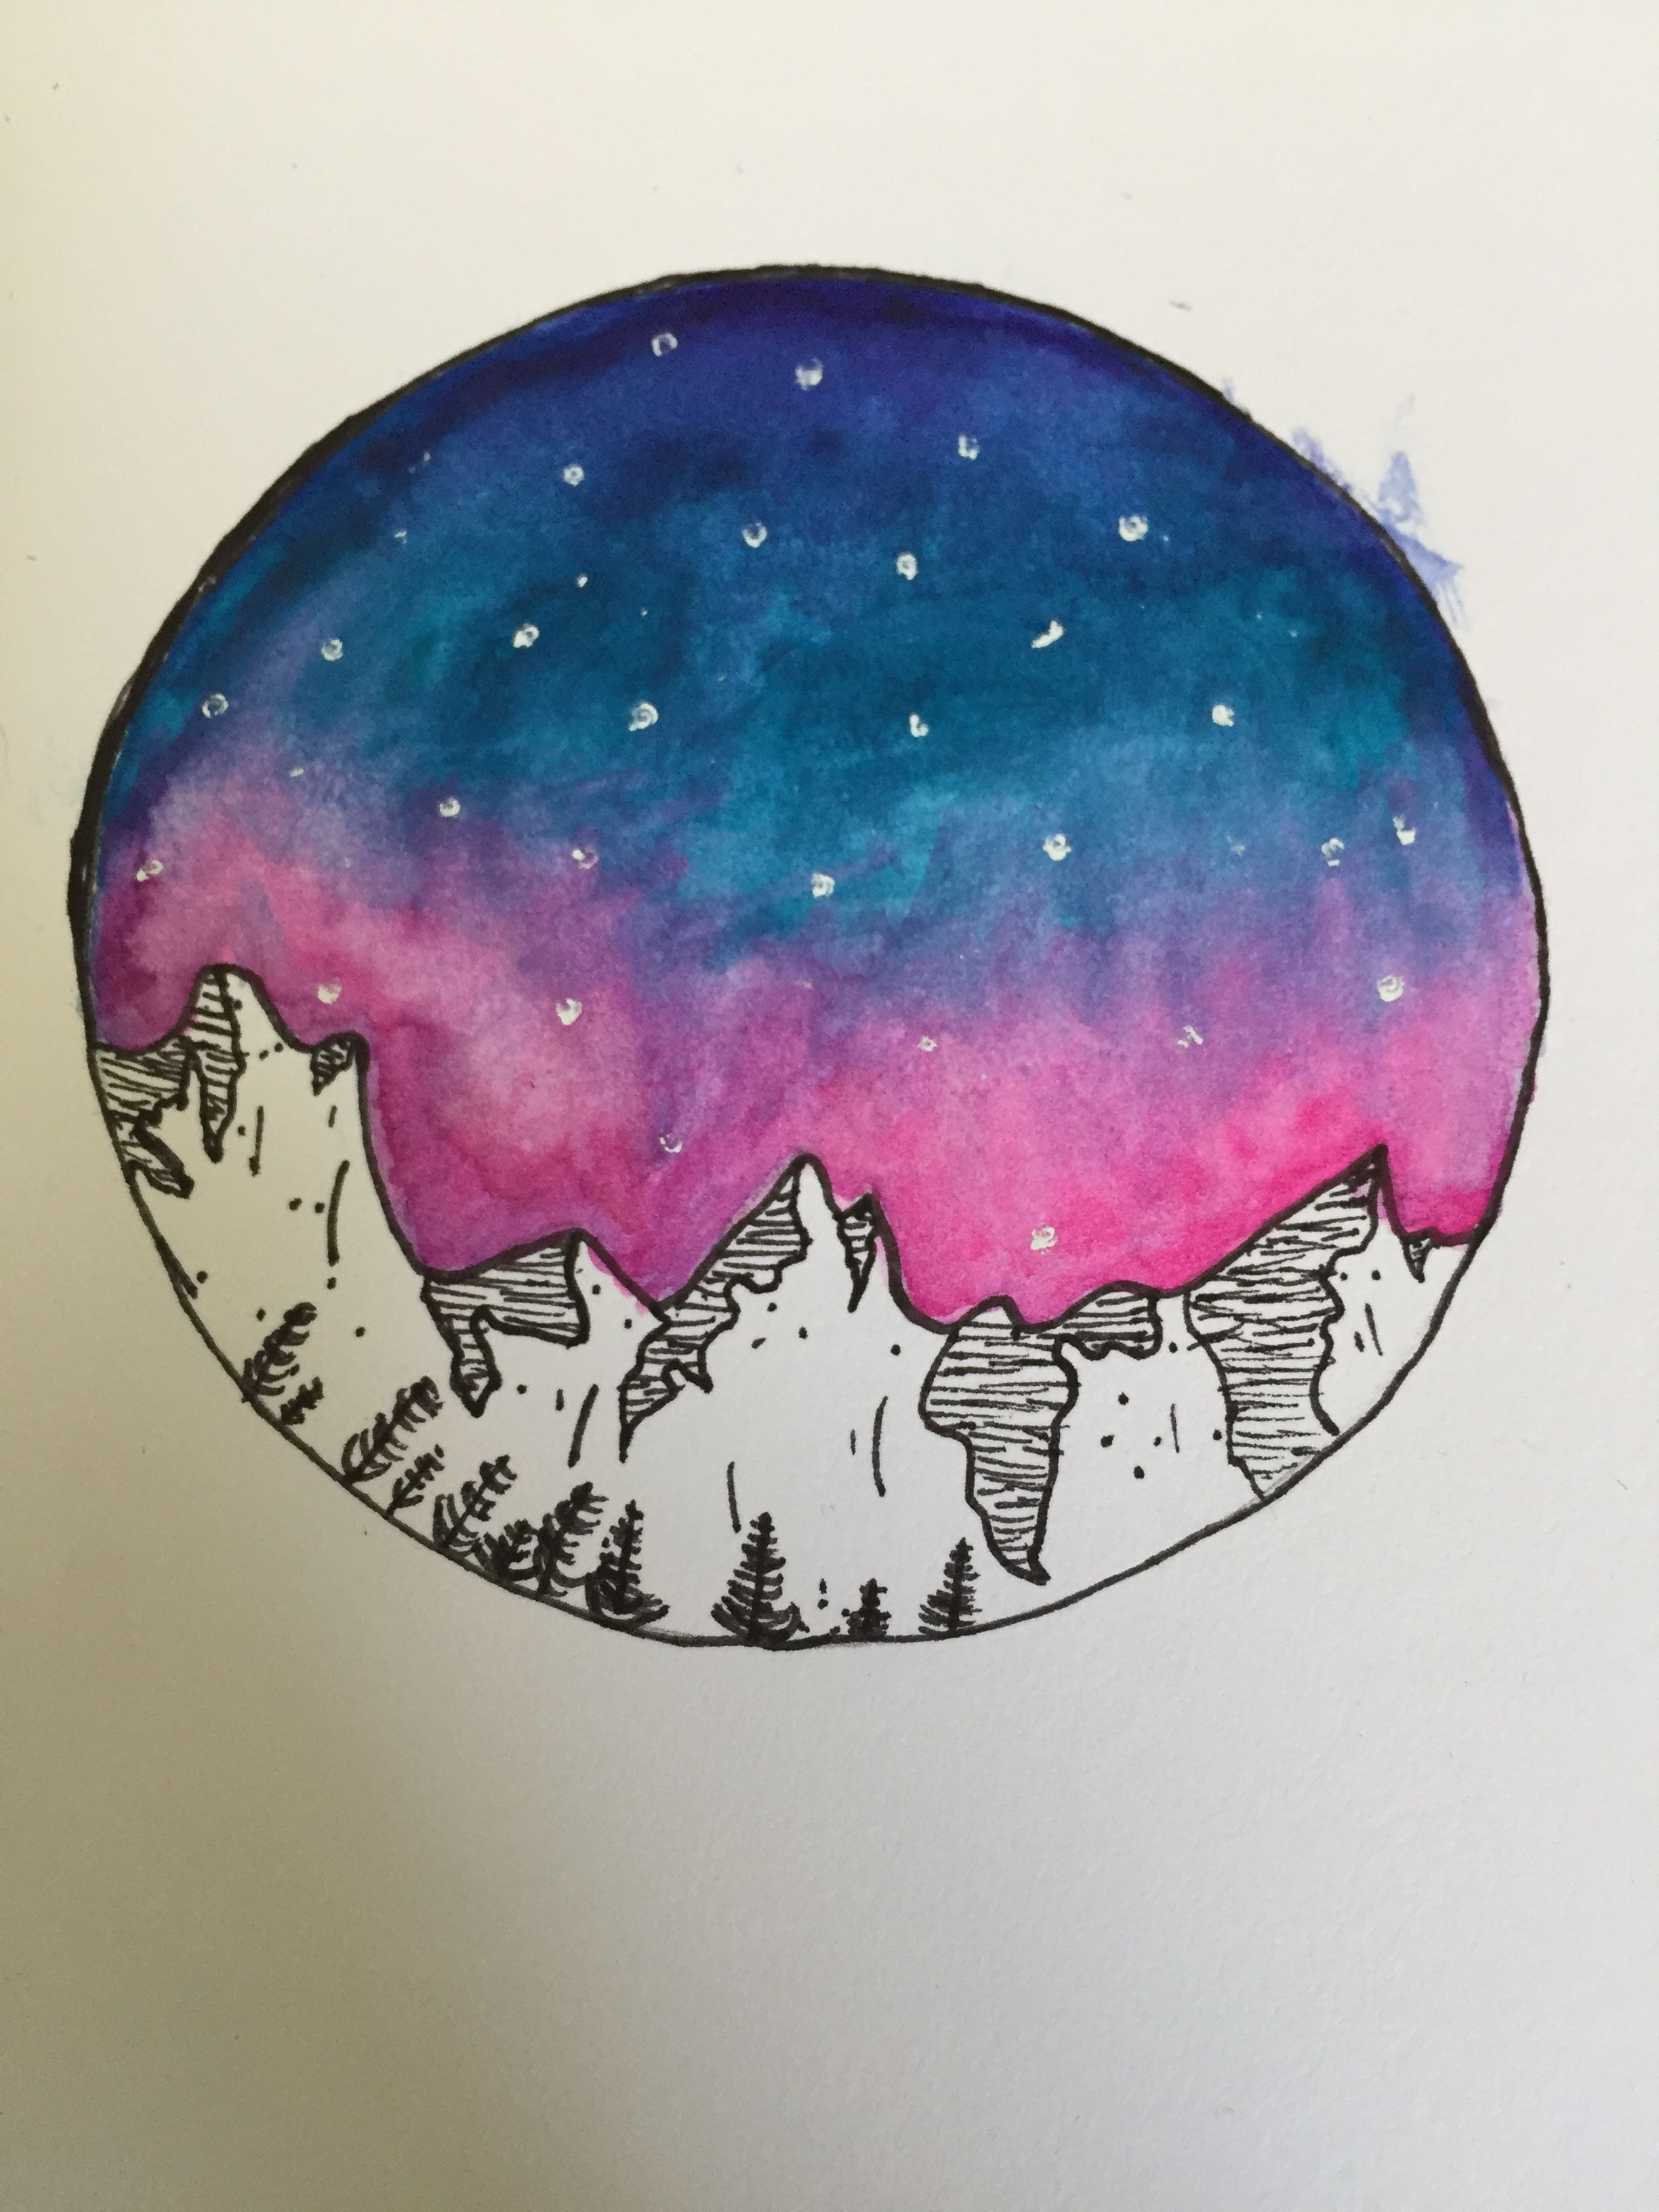 Schöne wie bilder man malen kann Bilder Zum